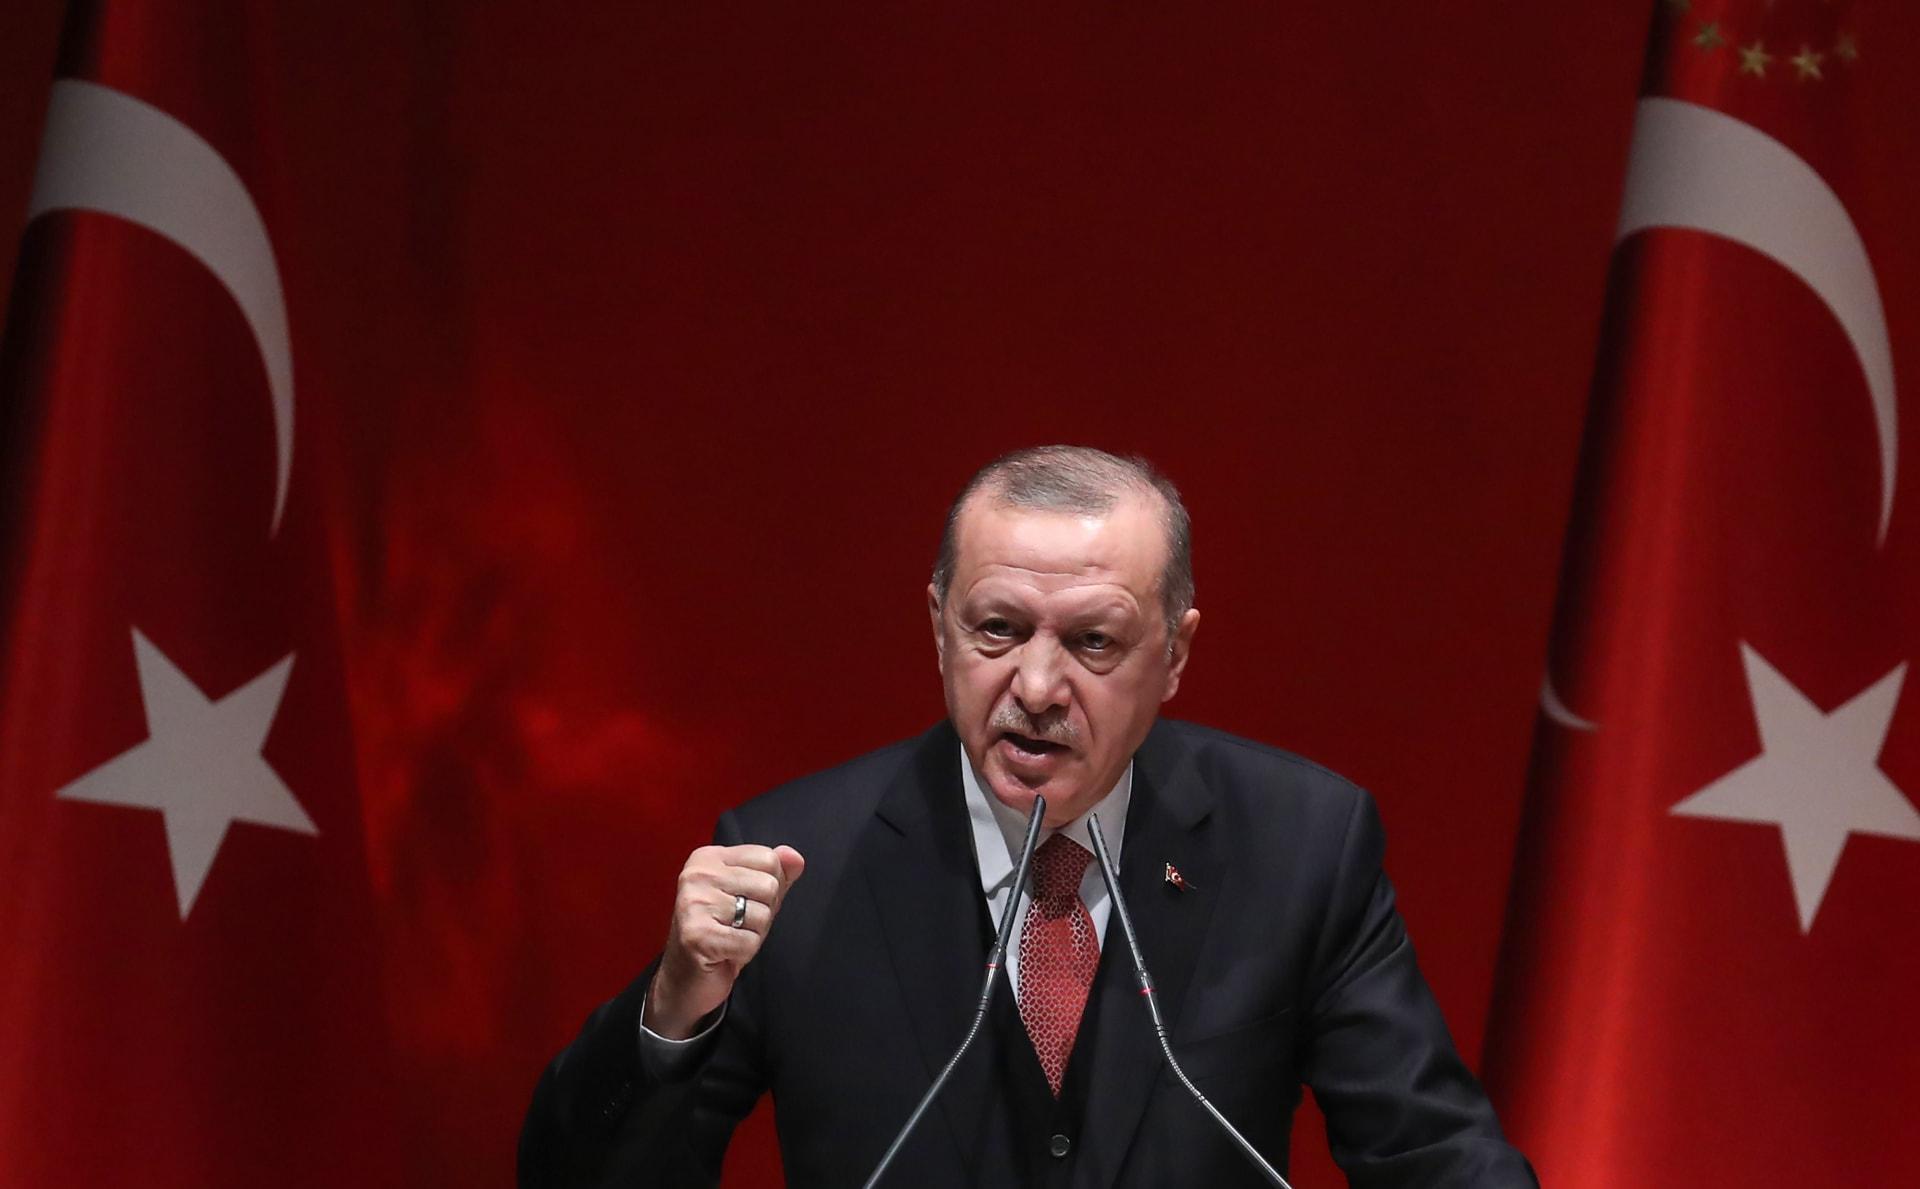 أردوغان: تركيا تعرضت لهجوم اقتصادي.. ولا يليق بنا تضخم عند 20%